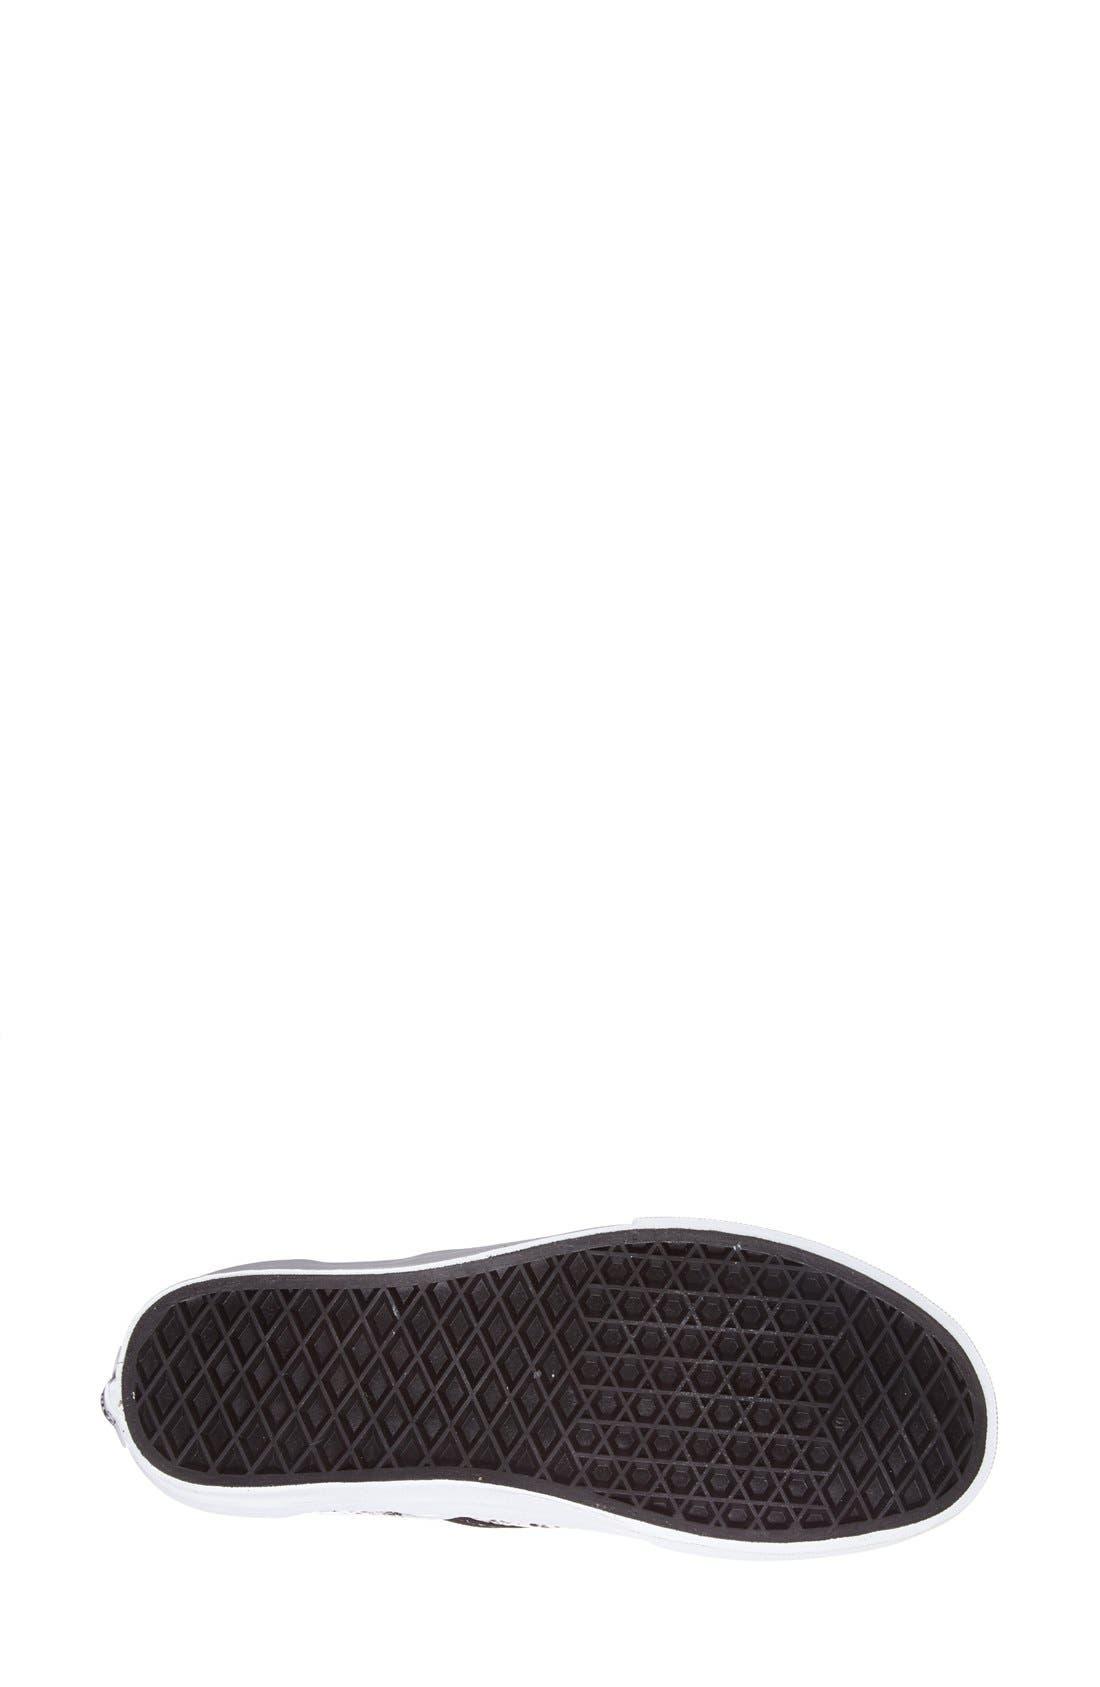 Alternate Image 4  - Vans 'Classic' Slip-On Sneaker (Women)